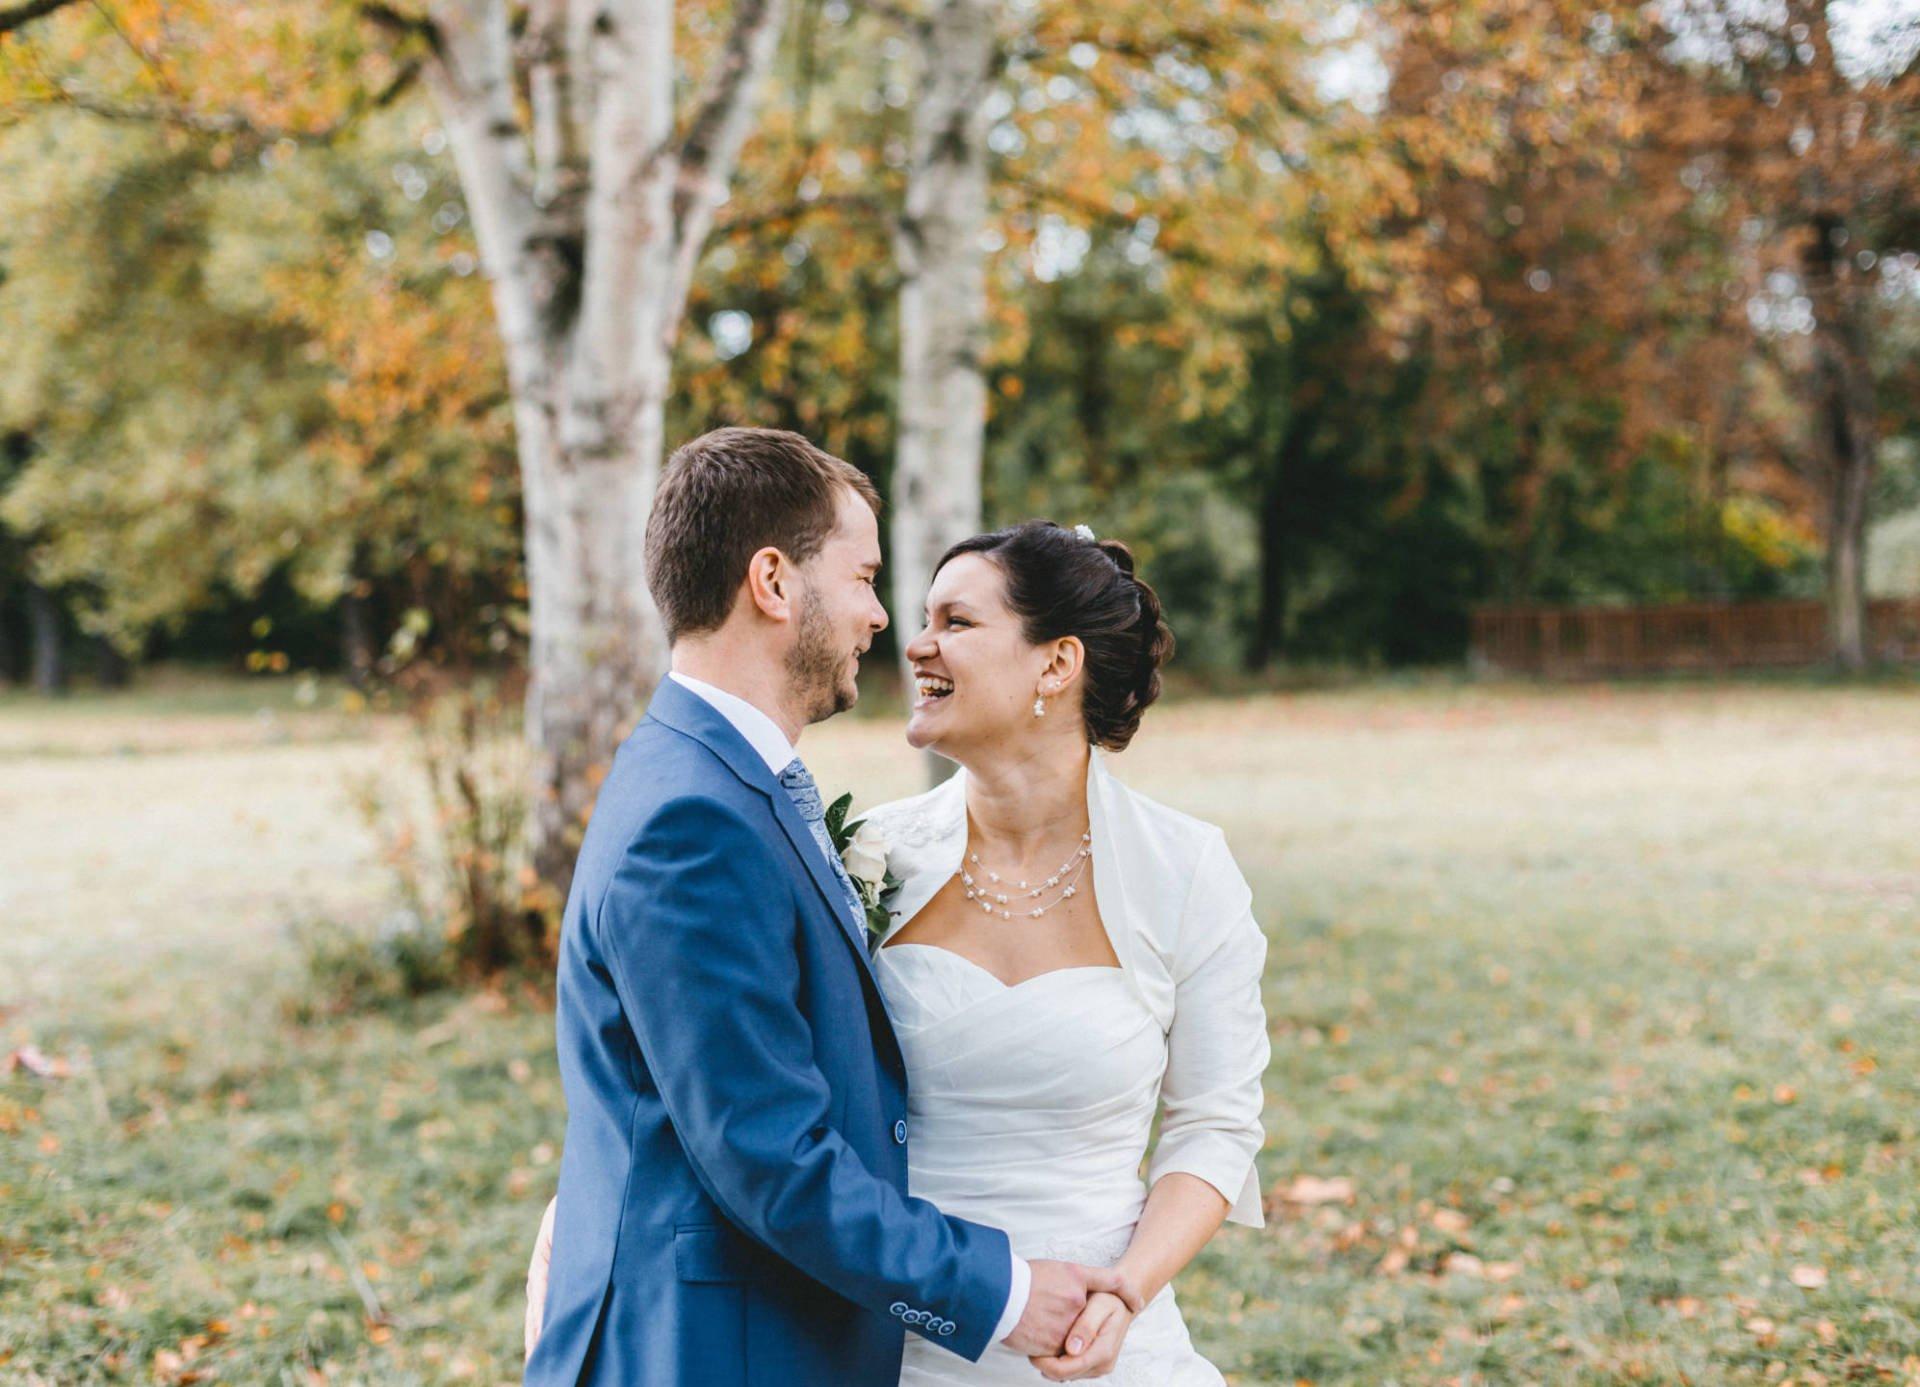 Hochzeitsreportage | Hochzeit im Paradies Jena | 9